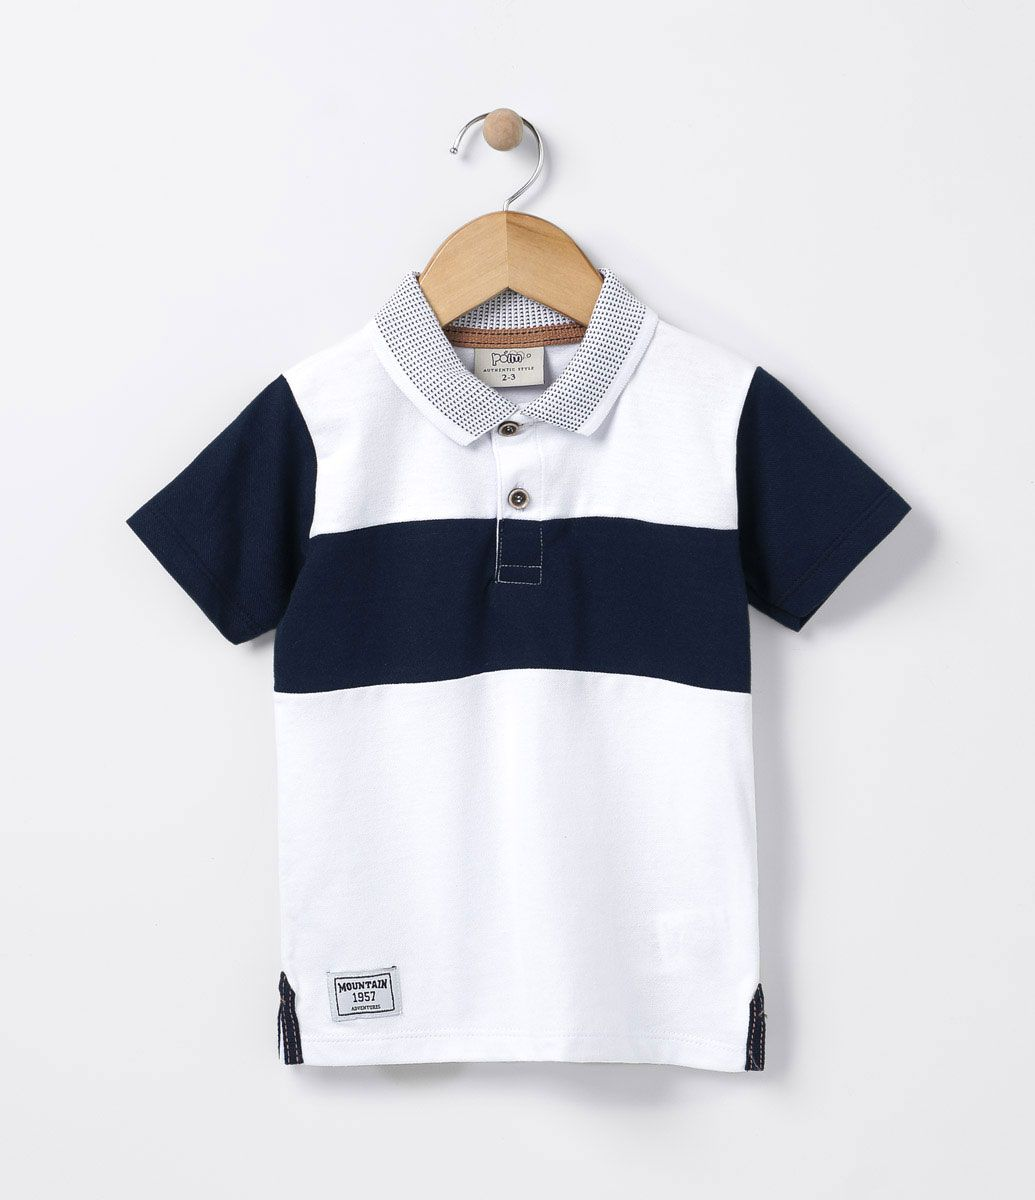 67bf1127db Camiseta infantil Manga curta Gola polo Com recorte Marca  Póim Tecido   meia malha COLEÇÃO